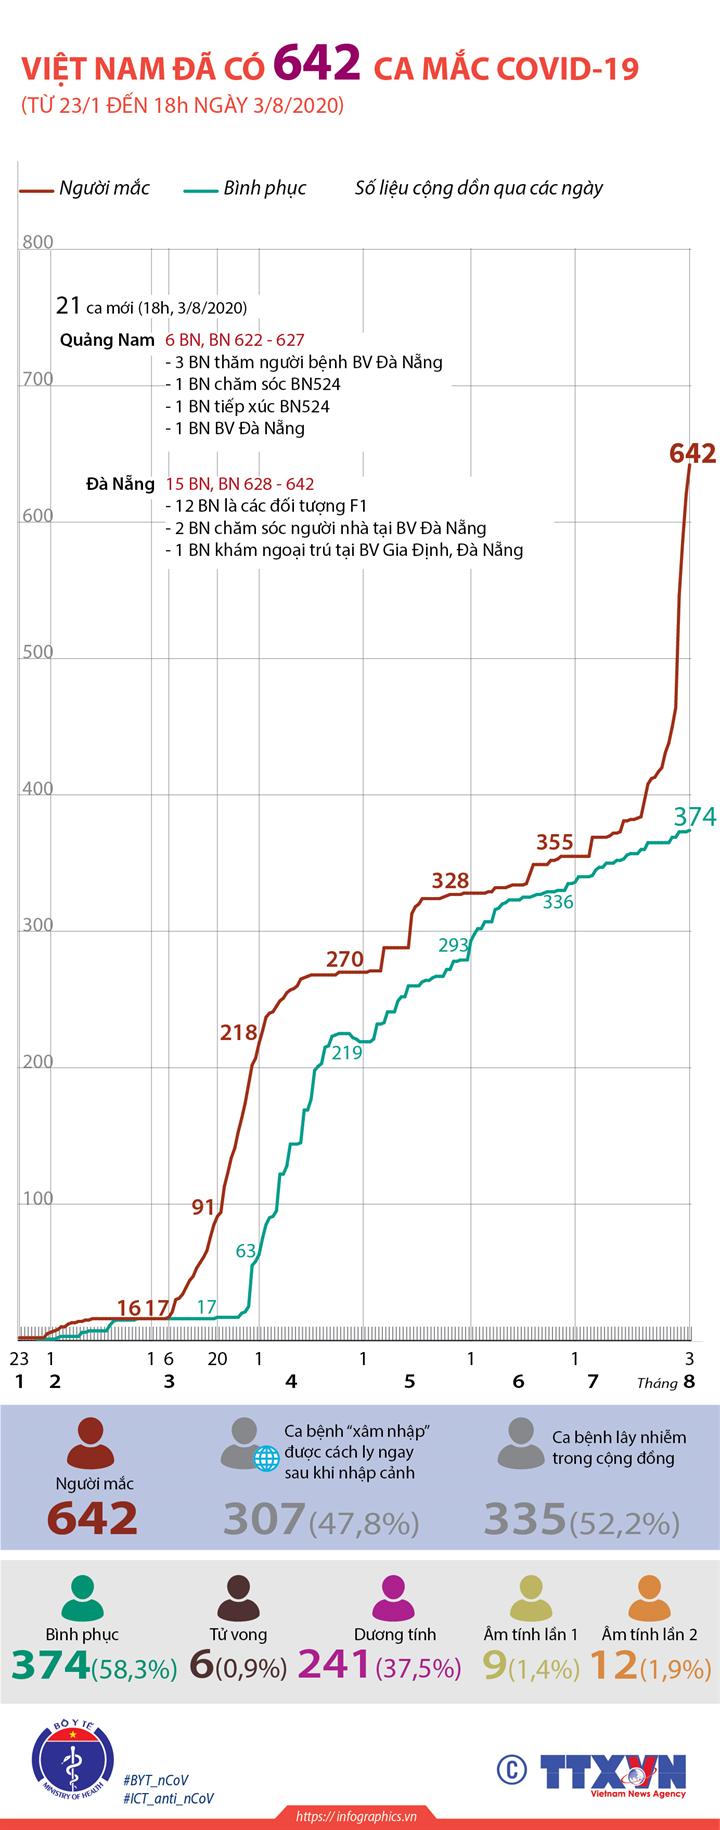 Việt Nam đã có 642 ca mắc COVID-19 (từ 23/1 đến 18h ngày 3/8/2020)